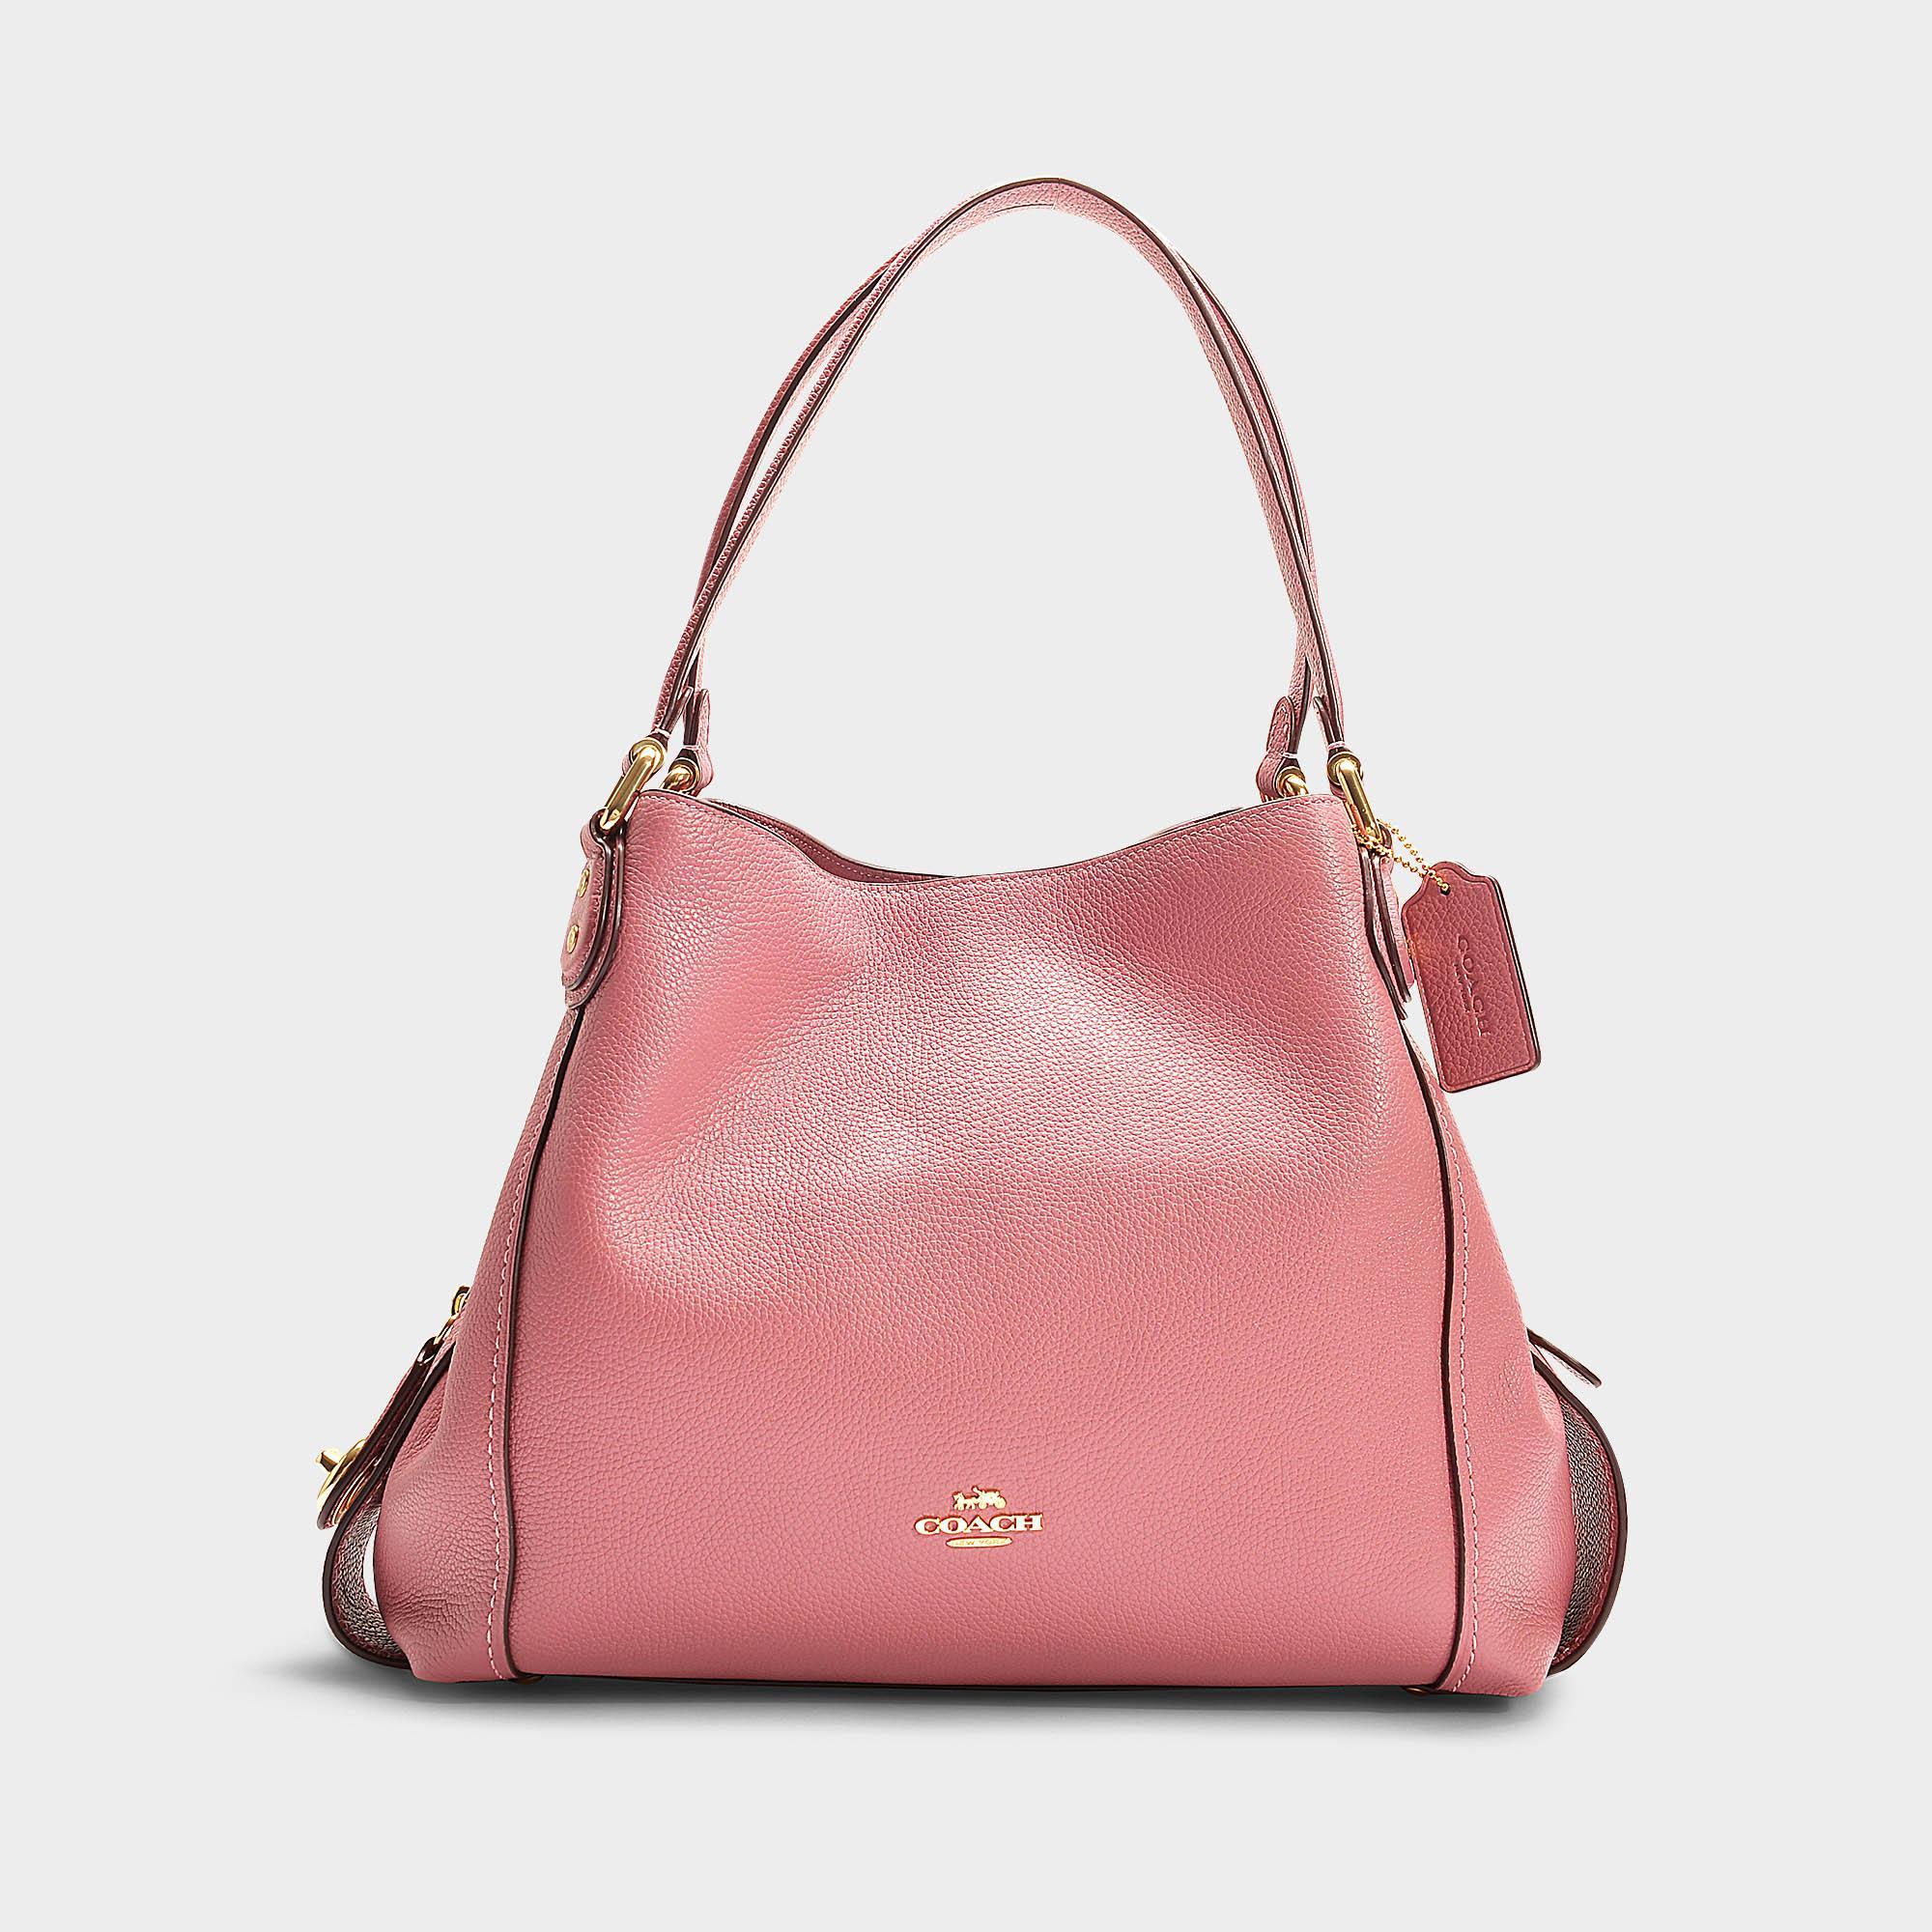 7b3e0f6ac0 Sac à main edie 31 en cuir de veau rose COACH en coloris Pink